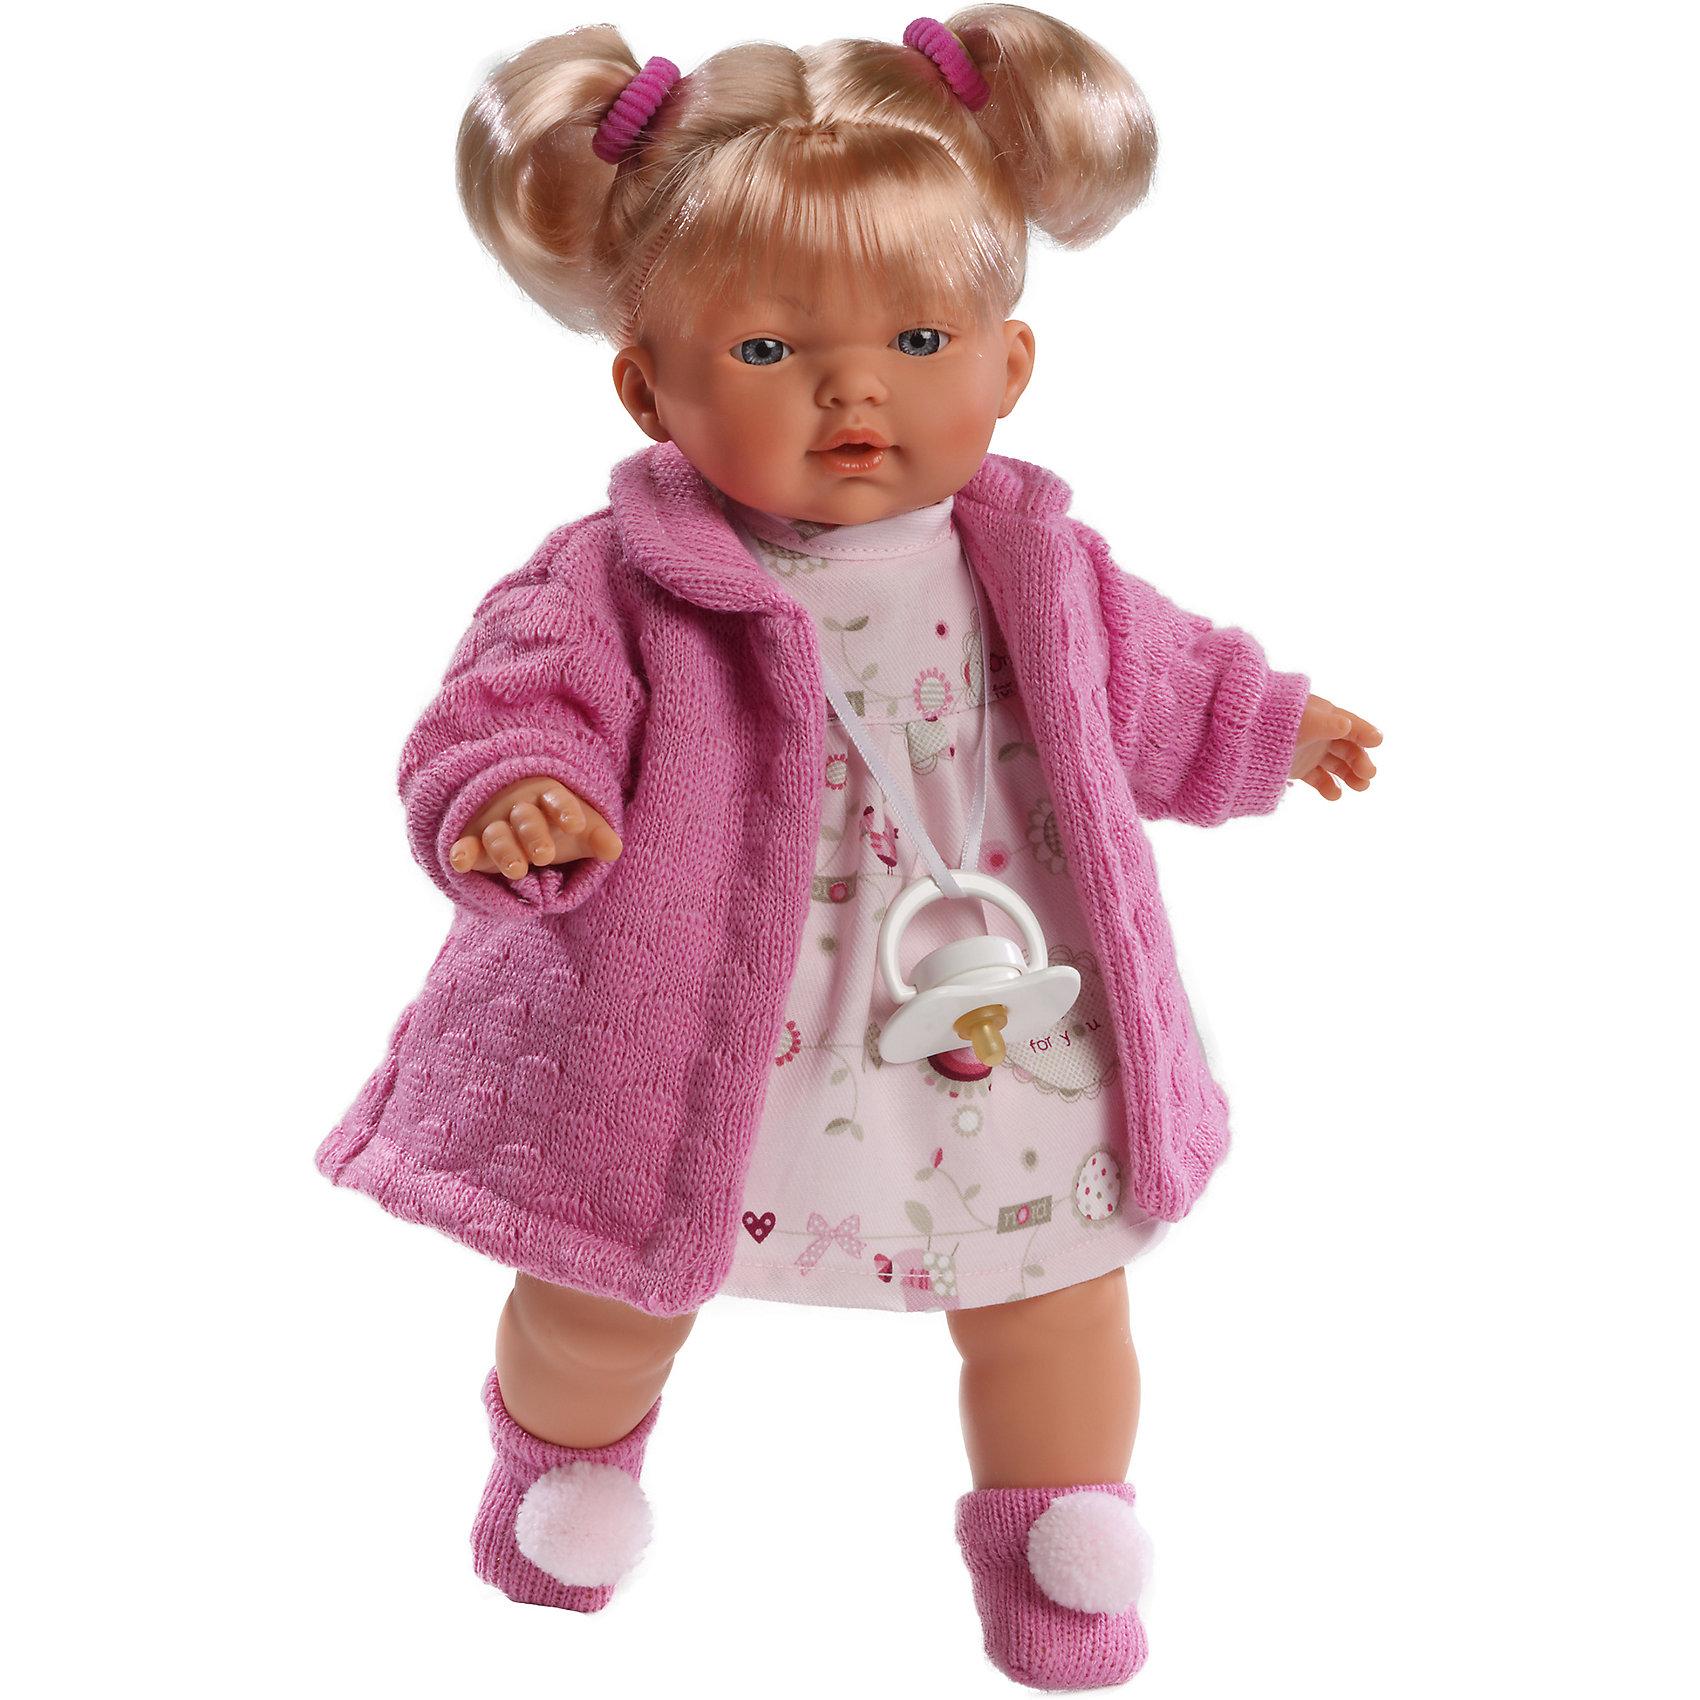 Кукла Кэрол, 33 см, LlorensКлассические куклы<br>Характеристики:<br><br>• Предназначение: для сюжетно-ролевых игр<br>• Тип куклы: мягконабивная<br>• Пол куклы: девочка <br>• Цвет волос: блондинка<br>• Материал: поливинилхлорид, пластик, нейлон, текстиль<br>• Цвет: оттенки розового, белый<br>• Высота куклы: 33 см<br>• Комплектация: кукла, платье, вязаное пальто, носочки, пустышка на ленточке<br>• Вес: 700 г<br>• Размеры упаковки (Д*В*Ш): 20*37*10 см<br>• Упаковка: подарочная картонная коробка <br>• Особенности ухода: допускается деликатная стирка без использования красящих и отбеливающих средств предметов одежды куклы<br><br>Кукла Кэрол 33 см без звука – кукла, производителем которого является всемирно известный испанский кукольный бренд Llorens. Куклы этой торговой марки имеют свою неповторимую внешность и целую линейку образов как пупсов, так и кукол-малышей. Игрушки выполнены из сочетания поливинилхлорида и пластика, что позволяет с высокой долей достоверности воссоздать физиологические и мимические особенности маленьких детей. При изготовлении кукол Llorens используются только сертифицированные материалы, безопасные и не вызывающие аллергических реакций. Волосы у кукол отличаются густотой, шелковистостью и блеском, при расчесывании они не выпадают и не ломаются.<br>Кукла Мария 33 см без звука выполнена в образе малышки: блондинка с голубыми глазами и задорными хвостиками. В комплект одежды Кэрол входит платьице, вязаное пальто ярко-розового цвета и носочки с помпонами. У малышки имеется соска на ленточке. <br>Кукла Кэрол 33 см без звука – это идеальный вариант для подарка к различным праздникам и торжествам.<br><br>Куклу Кэрол 33 см без звука можно купить в нашем интернет-магазине.<br><br>Ширина мм: 20<br>Глубина мм: 37<br>Высота мм: 10<br>Вес г: 700<br>Возраст от месяцев: 36<br>Возраст до месяцев: 84<br>Пол: Женский<br>Возраст: Детский<br>SKU: 5086891